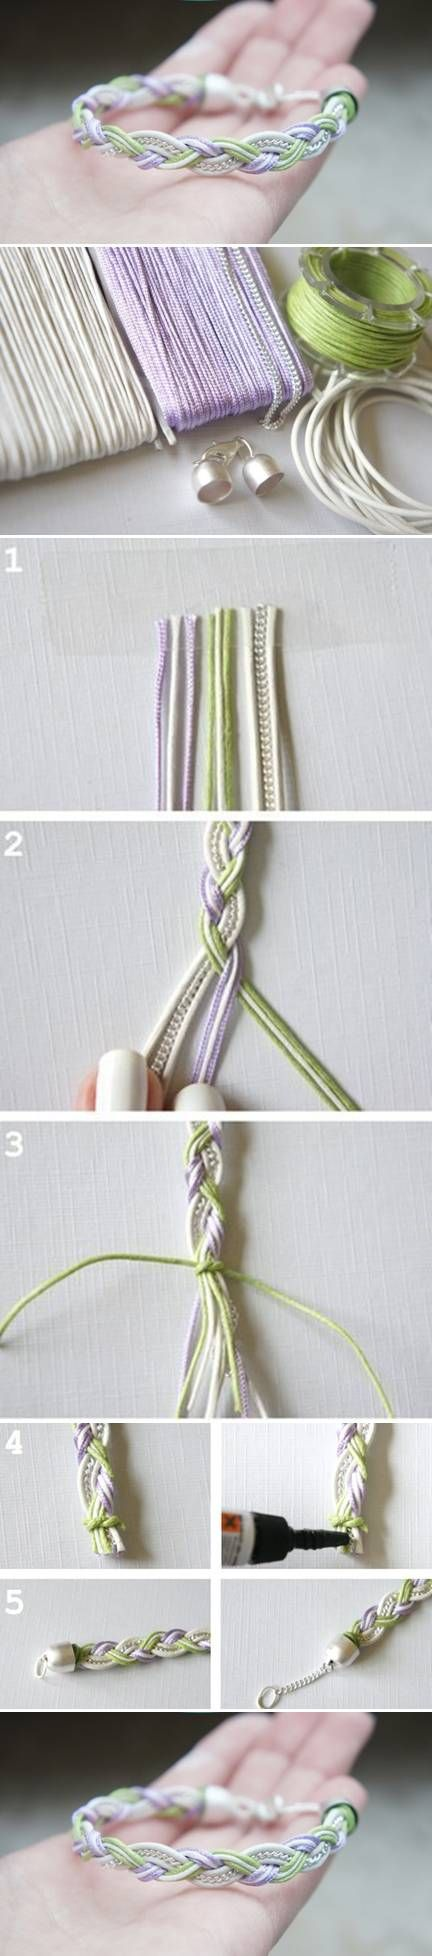 DIY Simple Beautiful Bracelet DIY Simple Beautiful Bracelet - flot armbånd knyttet med en kæde i midten - flot - skal laves